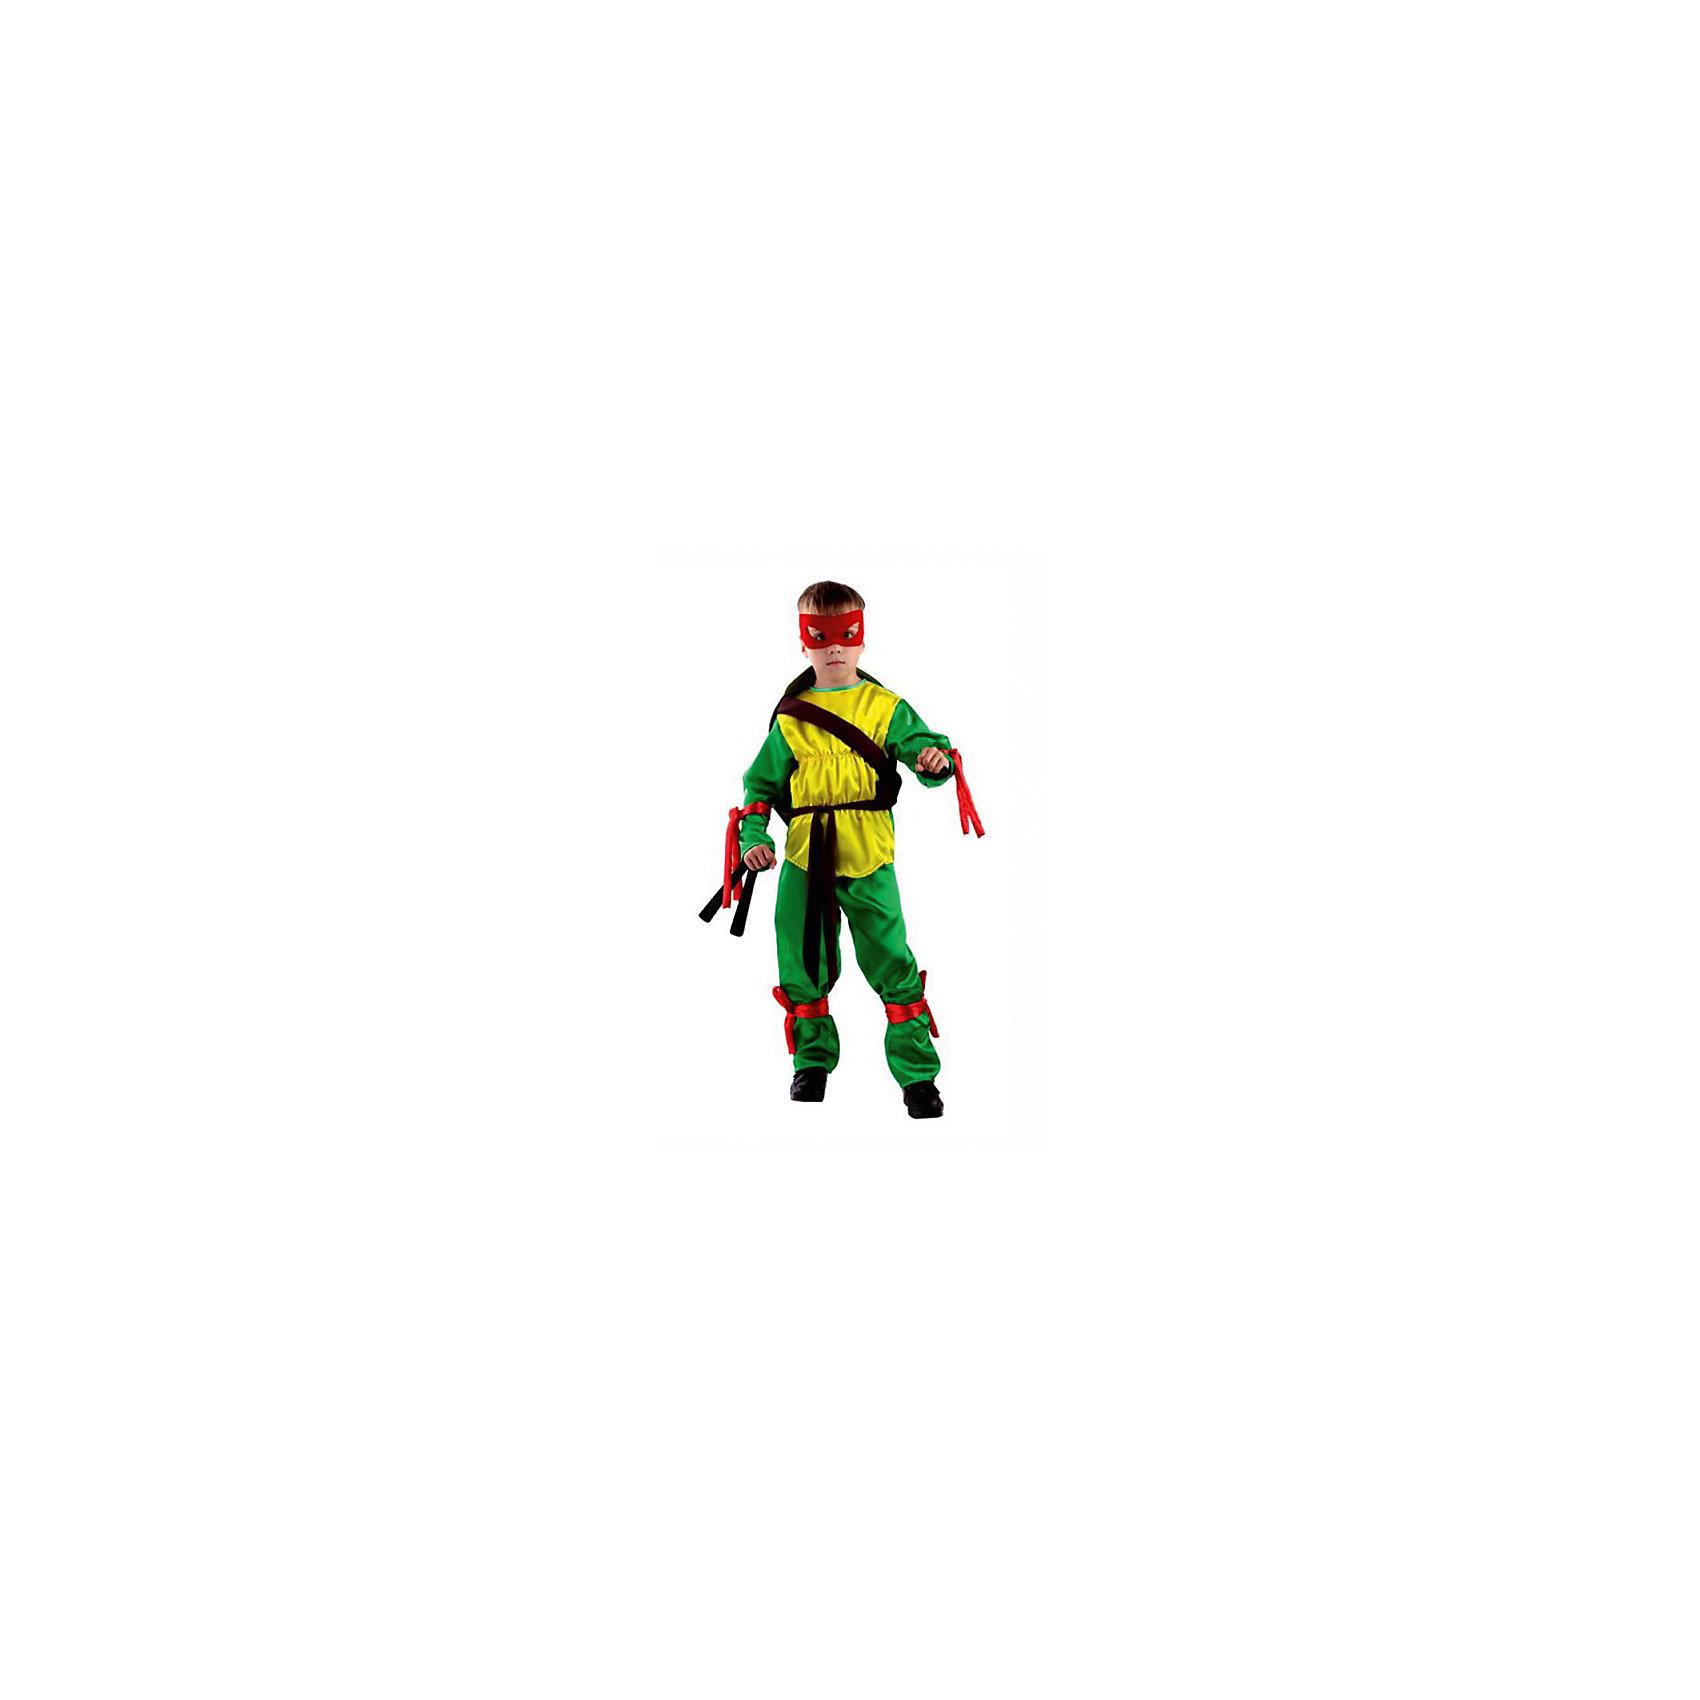 Карнавальный костюм Черепашка Ниндзя, БатикКарнавальные костюмы и аксессуары<br>Карнавальный костюм Черепашка Ниндзя, Батик<br><br>Характеристики:<br><br>• Материал: бархат .<br>• Цвет: зеленый, желтый.<br><br>В комплекте:<br><br>• панцирь;<br>• куртка;<br>• штаны;<br>• маска (4шт. разного цвета).<br><br>Ваш мальчик поклонник историй о черепашках-ниндзя? Тогда этот костюм для него! Костюм сшит из мягкого, приятного на ощупь бархата. В комплекте: куртка, брюки, четыре маски и панцирь. Панцирь надевается на одну широкую лямку. К рубашке и брюкам пришиты налокотники и наколенники с завязками. В таком карнавальном костюме, «Черепашка Ниндзя», ваш мальчик получит максимальное удовольствие от праздника и подарит радость окружающим!<br><br>Карнавальный костюм Черепашка Ниндзя, Батик можно купить в нашем интернет – магазине.<br><br>Ширина мм: 500<br>Глубина мм: 50<br>Высота мм: 700<br>Вес г: 600<br>Цвет: белый<br>Возраст от месяцев: 84<br>Возраст до месяцев: 96<br>Пол: Мужской<br>Возраст: Детский<br>Размер: 32,30<br>SKU: 5092528